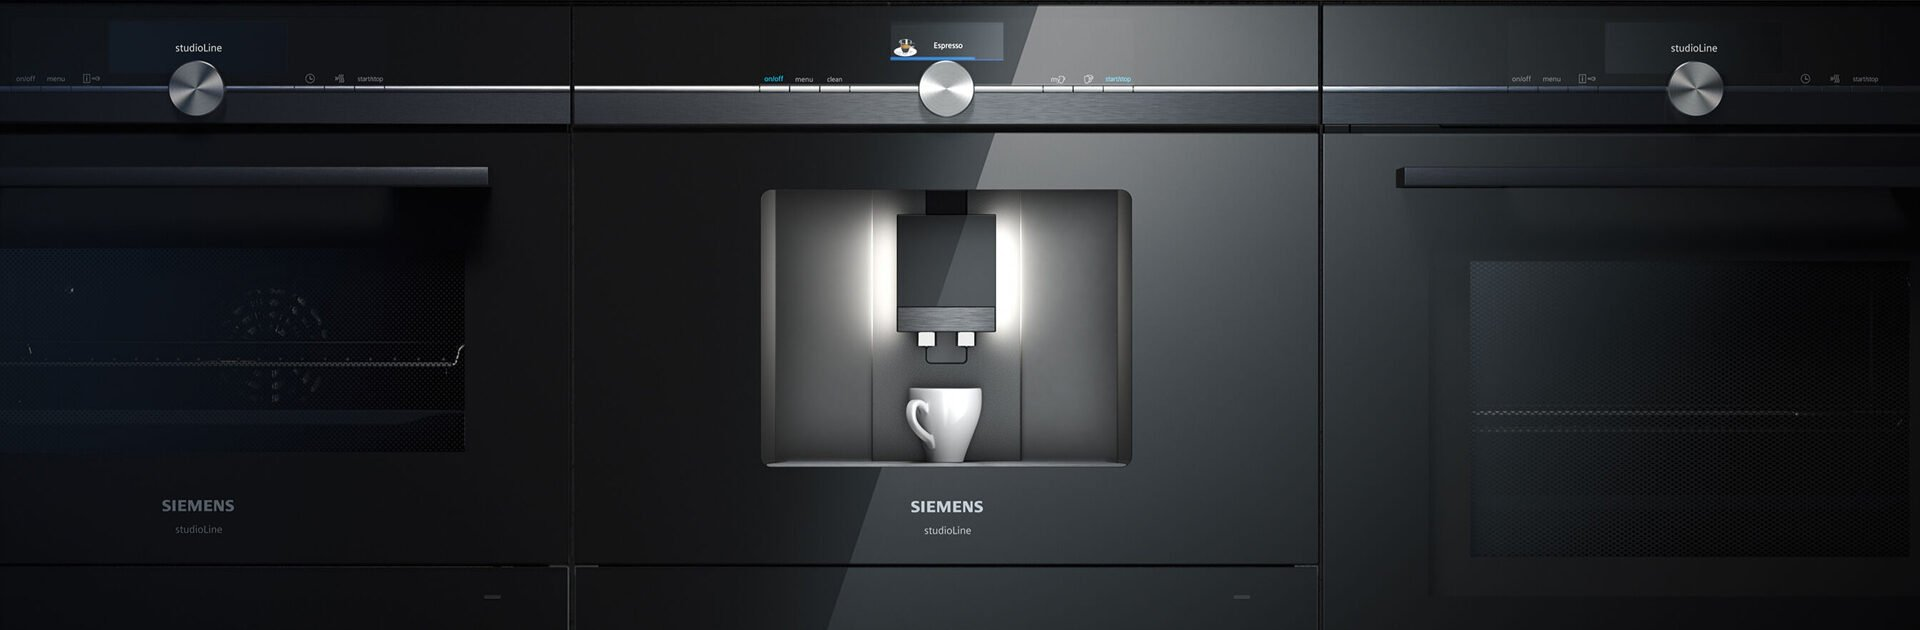 Siemens keukenapparatuur kopen bij Satink Keukens